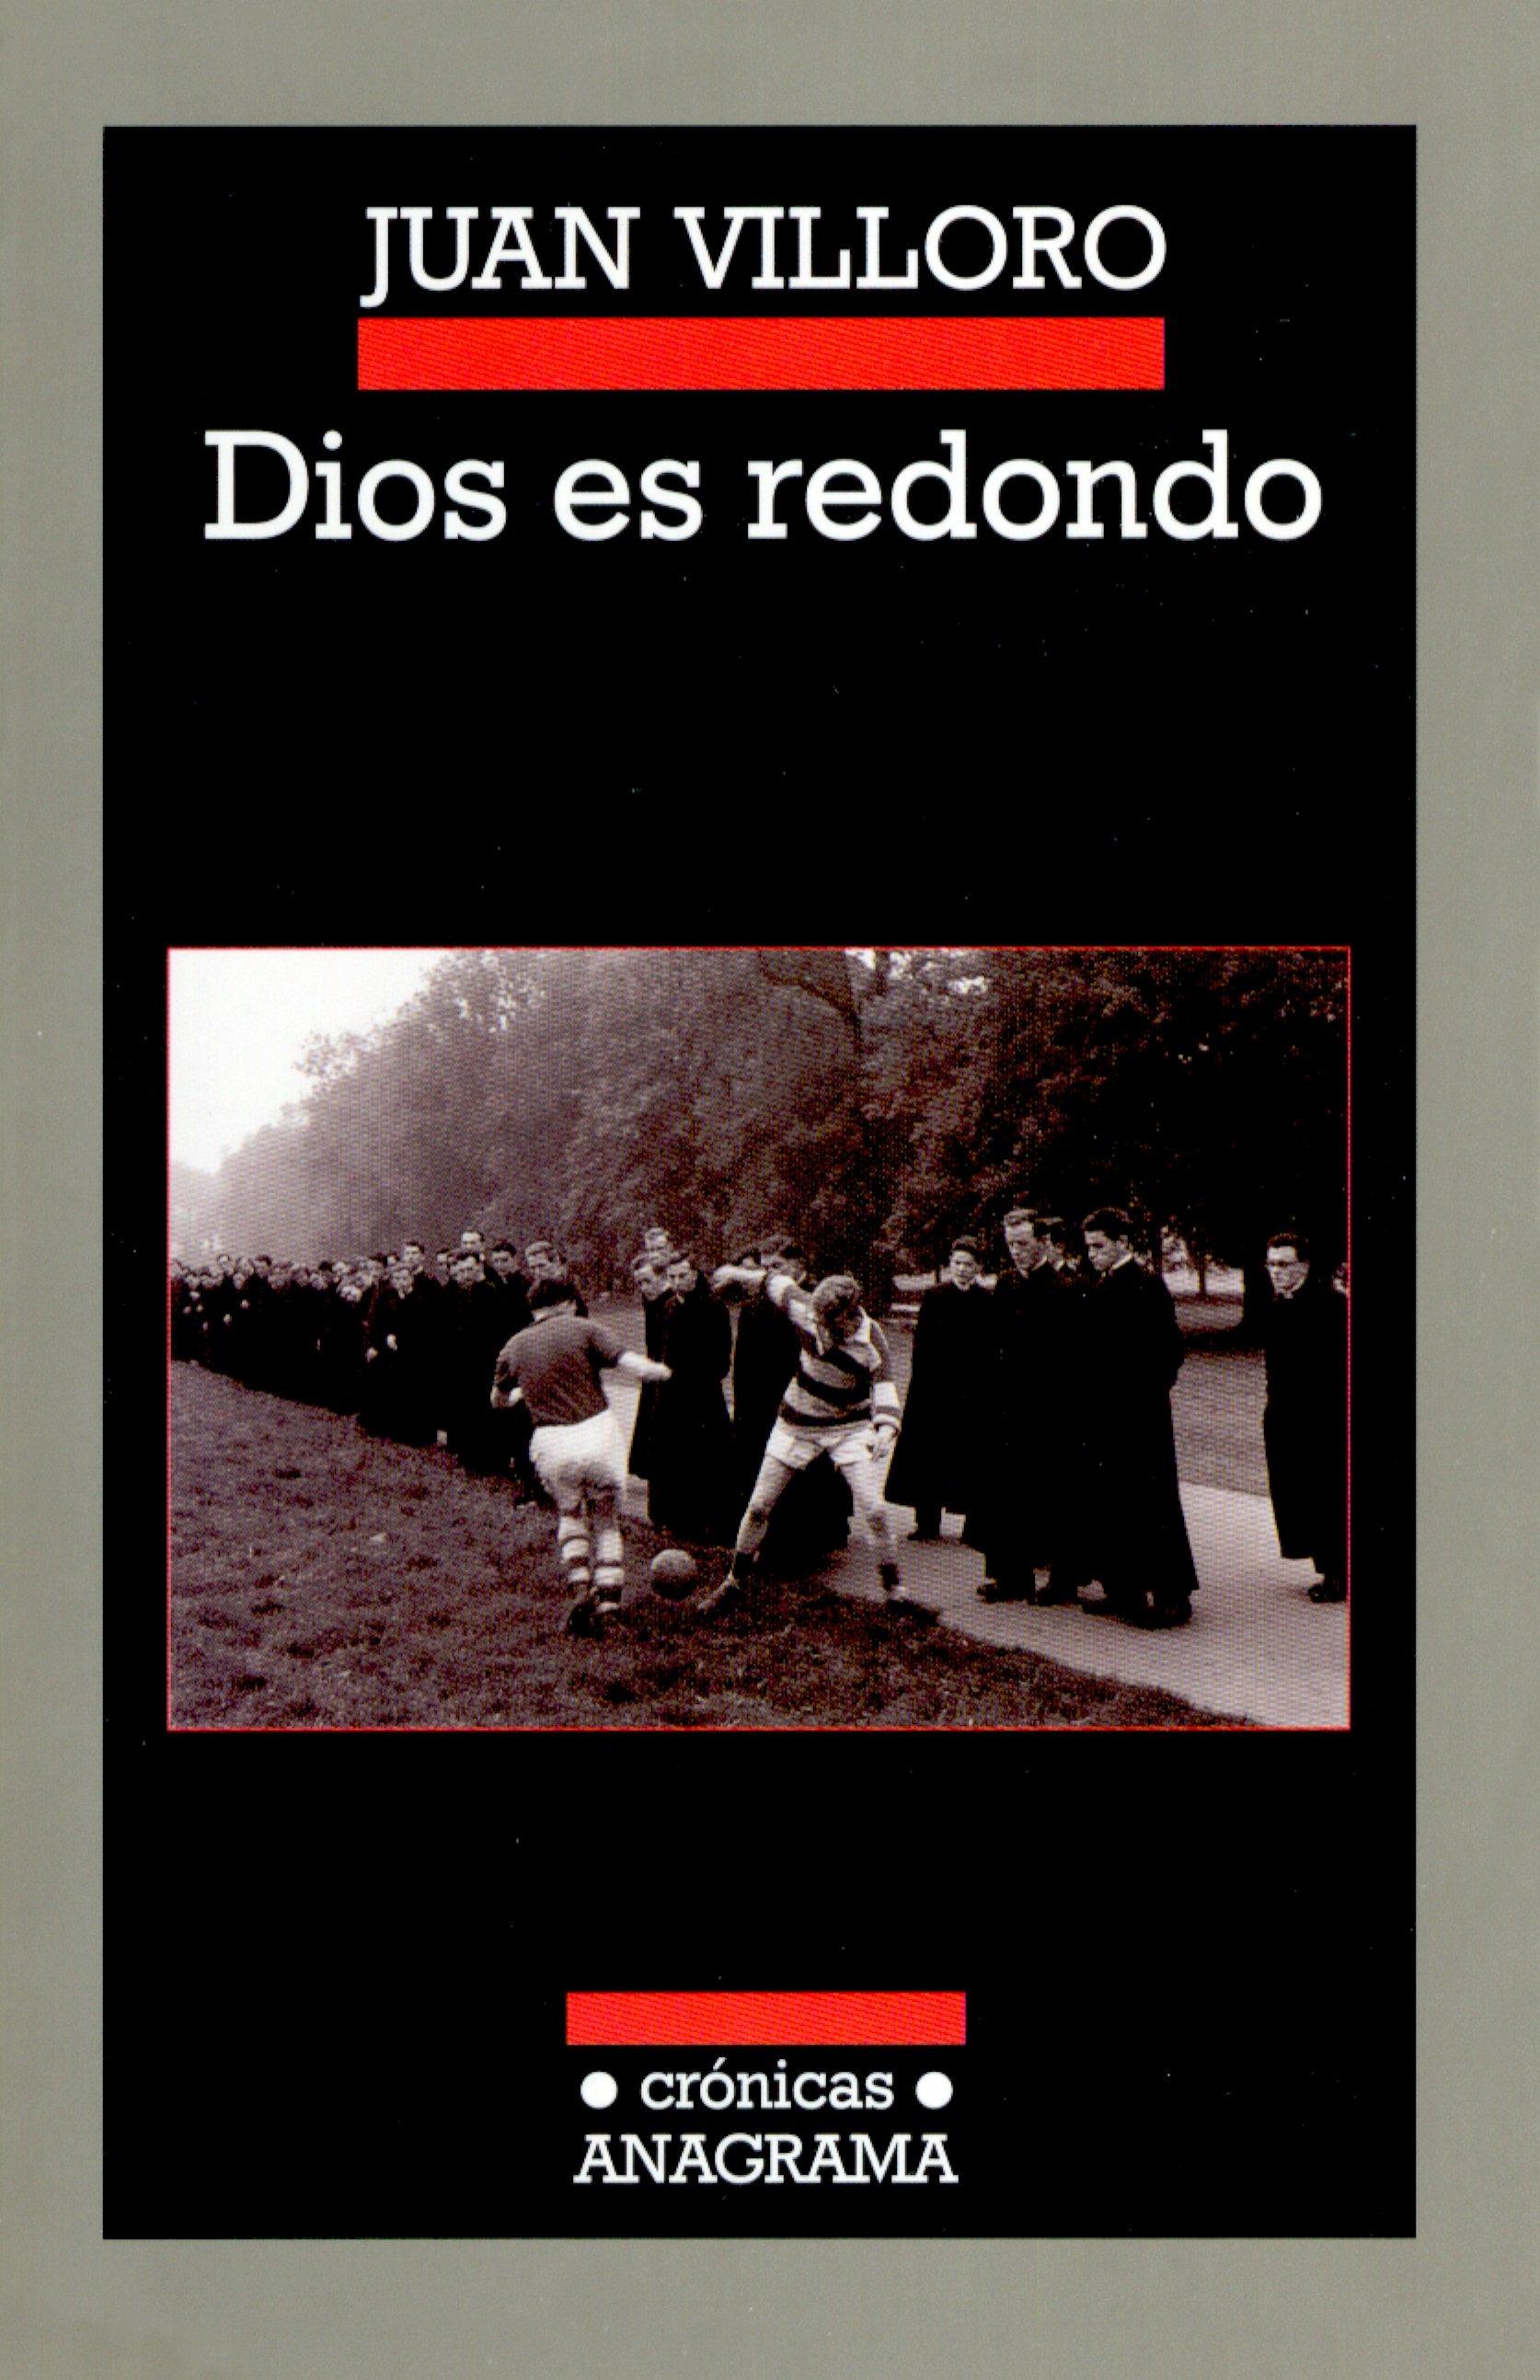 dios_es_redondo.jpeg